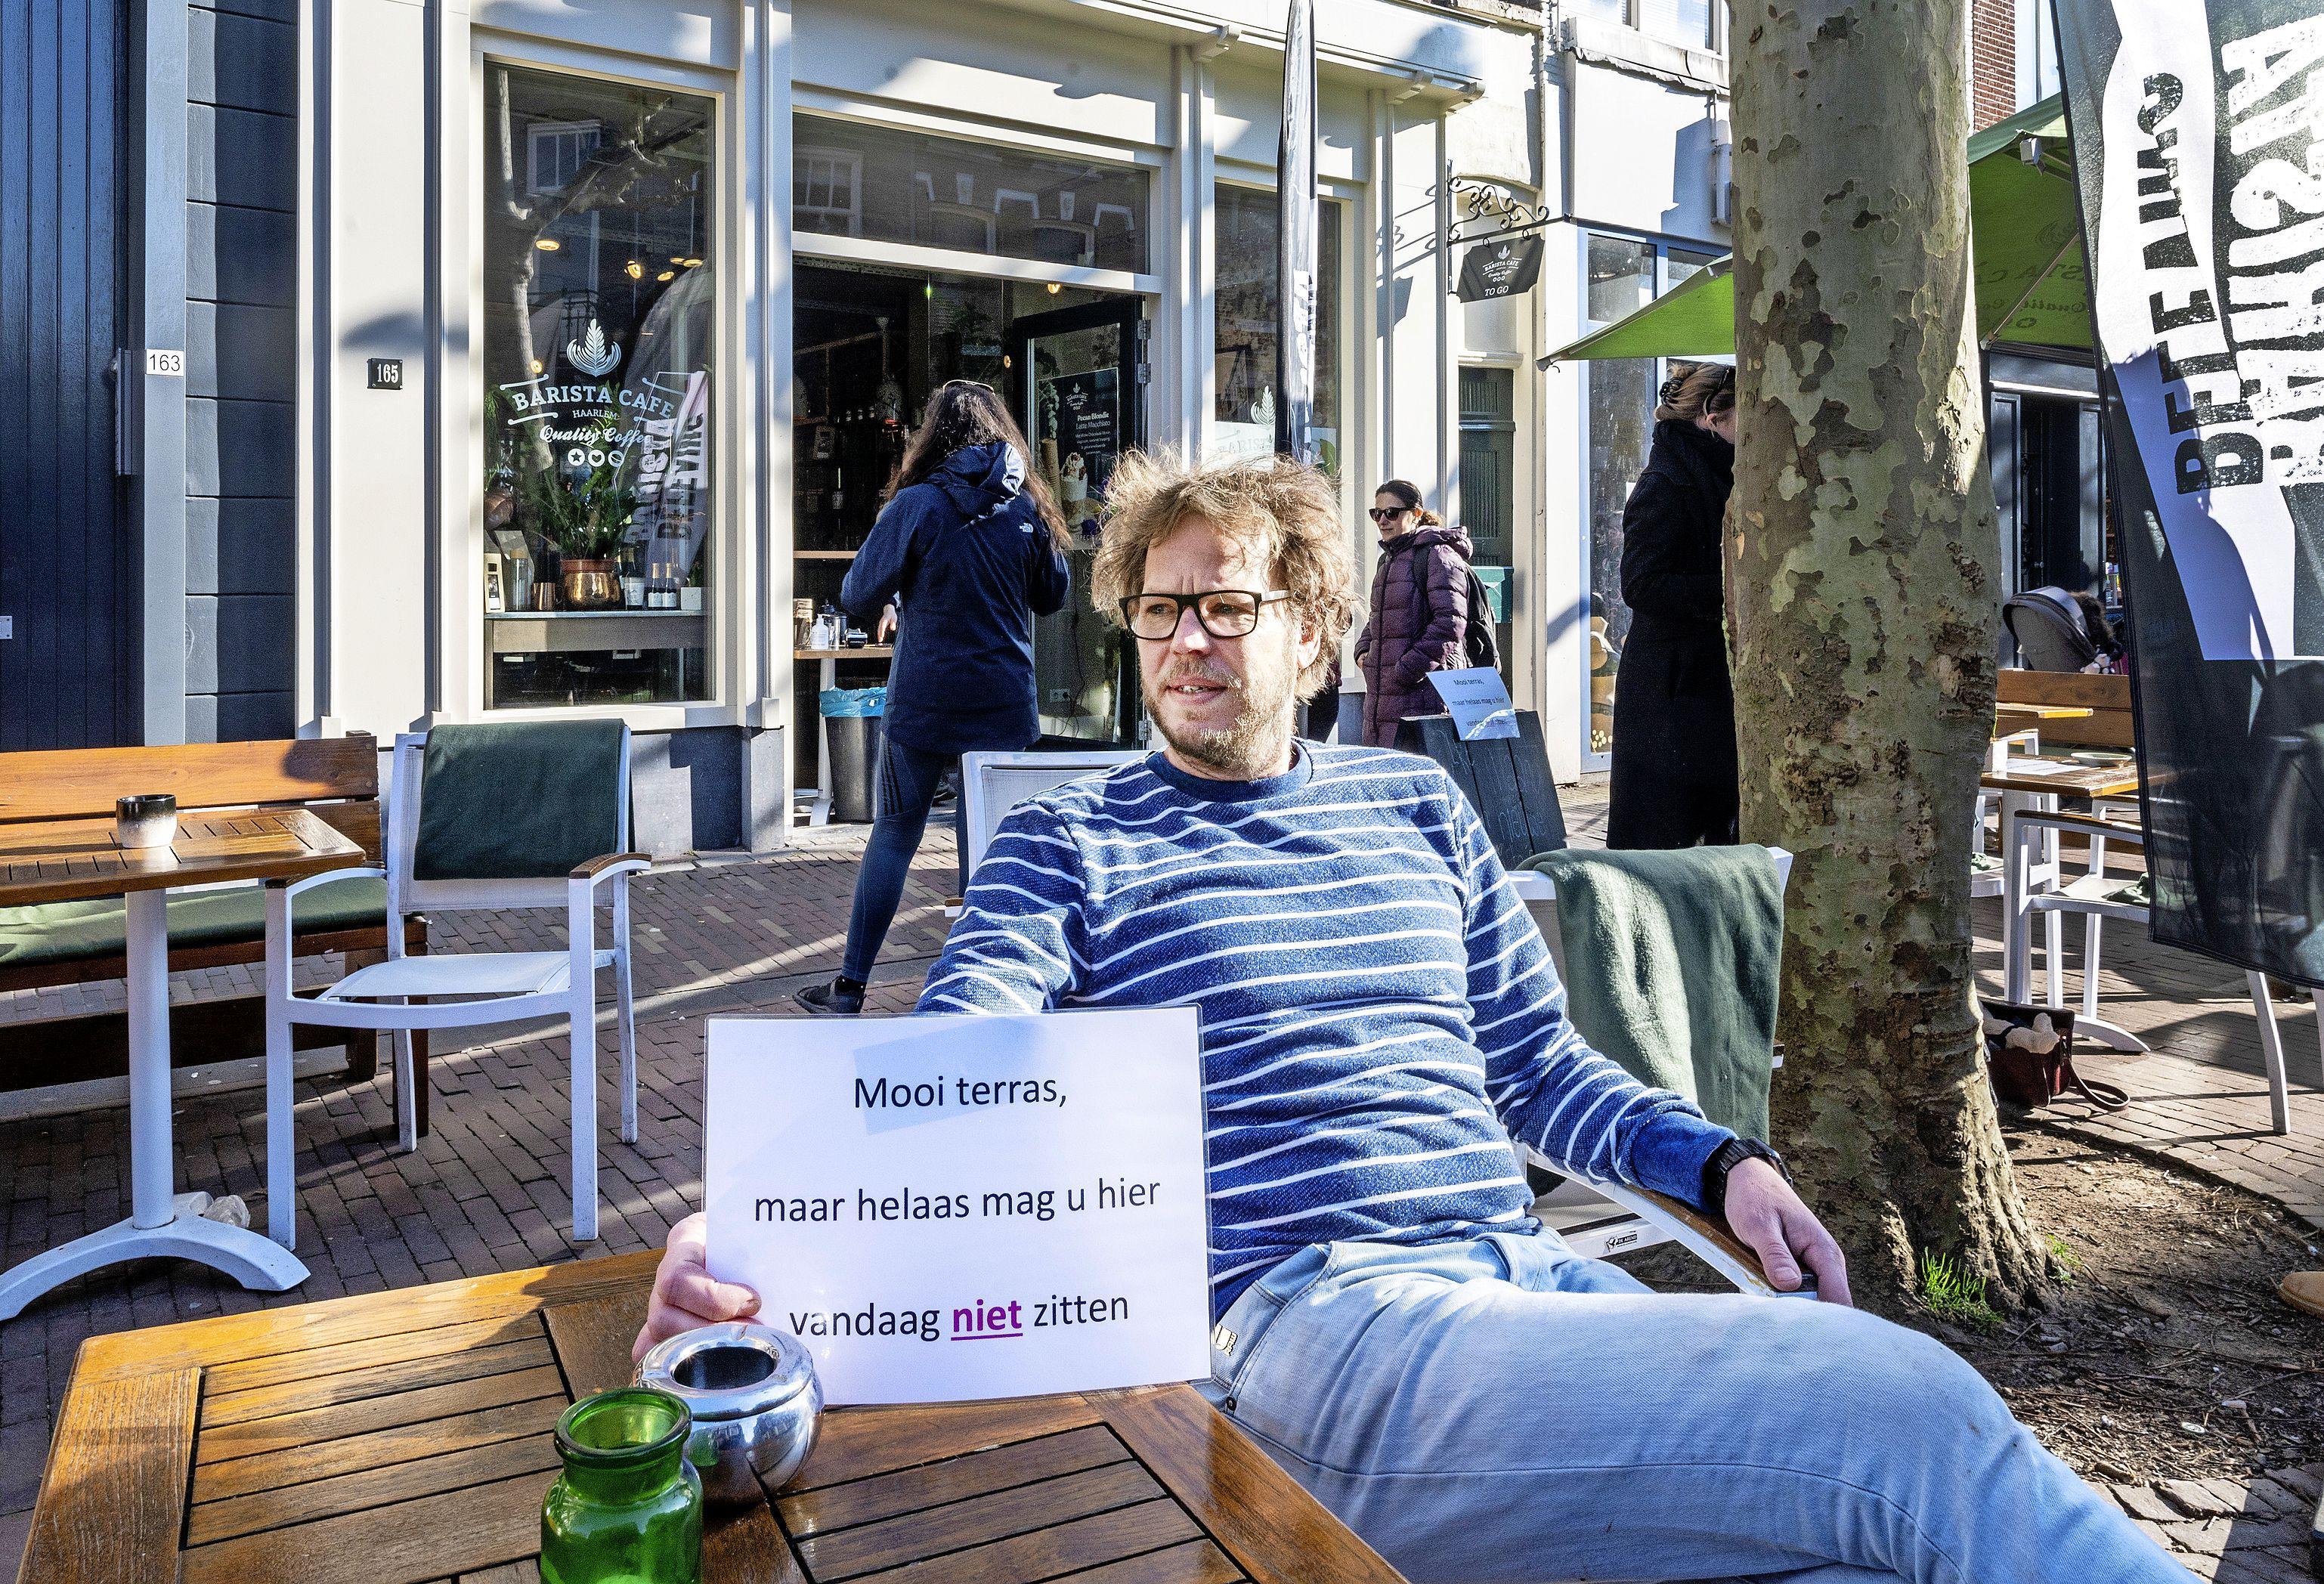 Terrassen dicht, maar toch protest Barista Café in Grote Houtstraat: 'Terras open, maar niemand mag hier zitten'